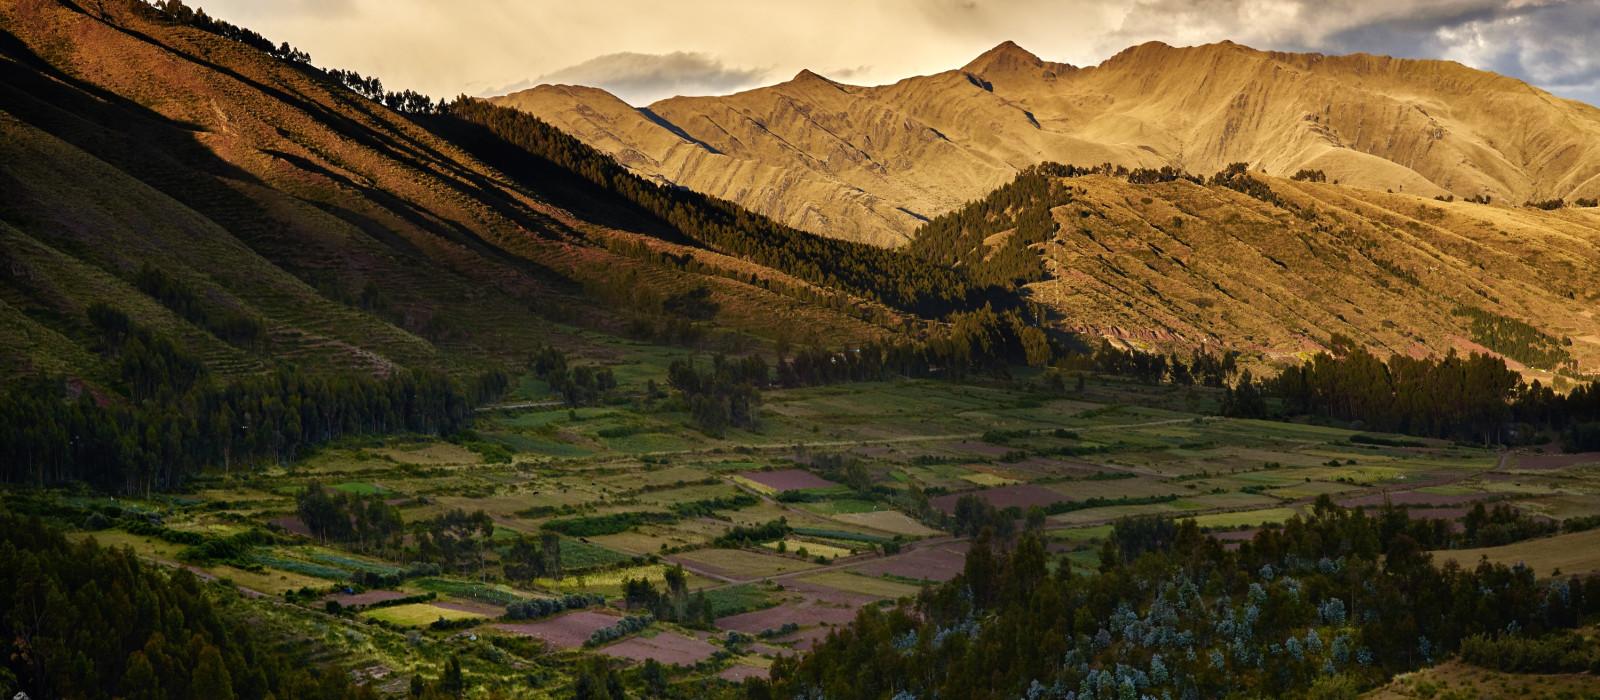 Hotel Tambo del Inca Peru